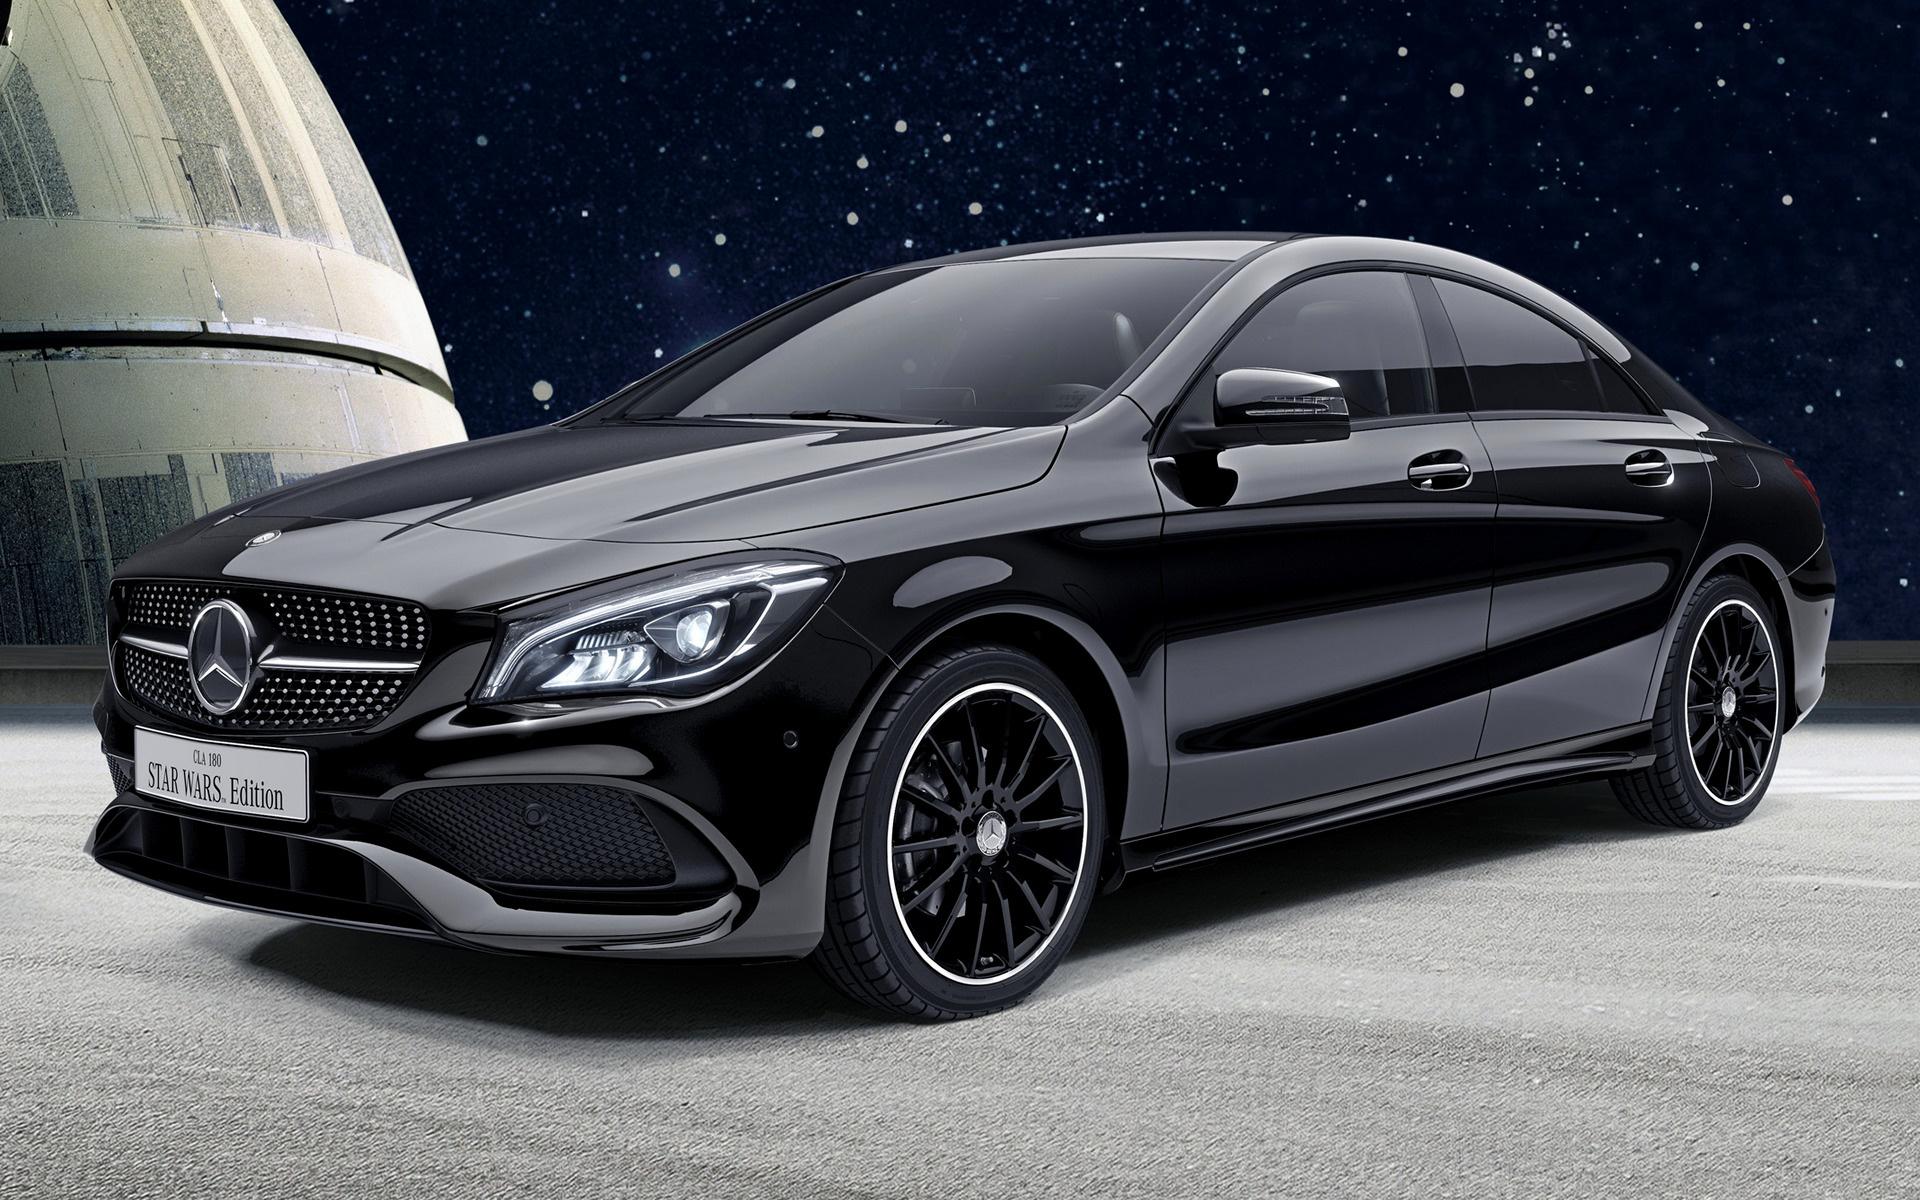 2017 Mercedes Benz Cla Class Star Wars Edition Jp